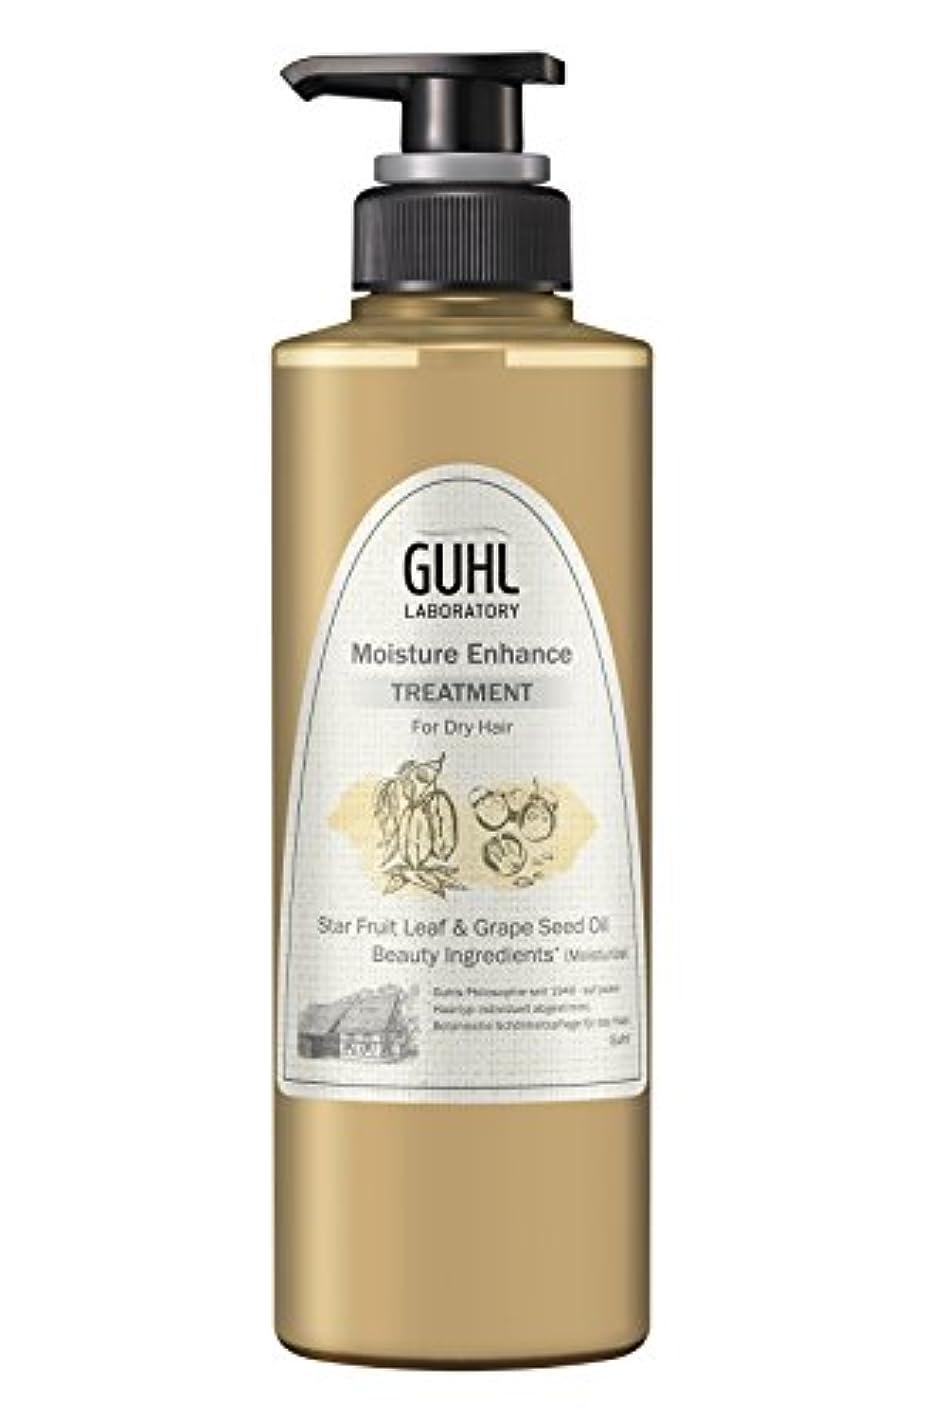 ブルーベルムスささやきグール ラボラトリー トリートメント (乾燥しやすい髪に) 植物美容 ヘアケア モイスチャーエンハンス 430ml